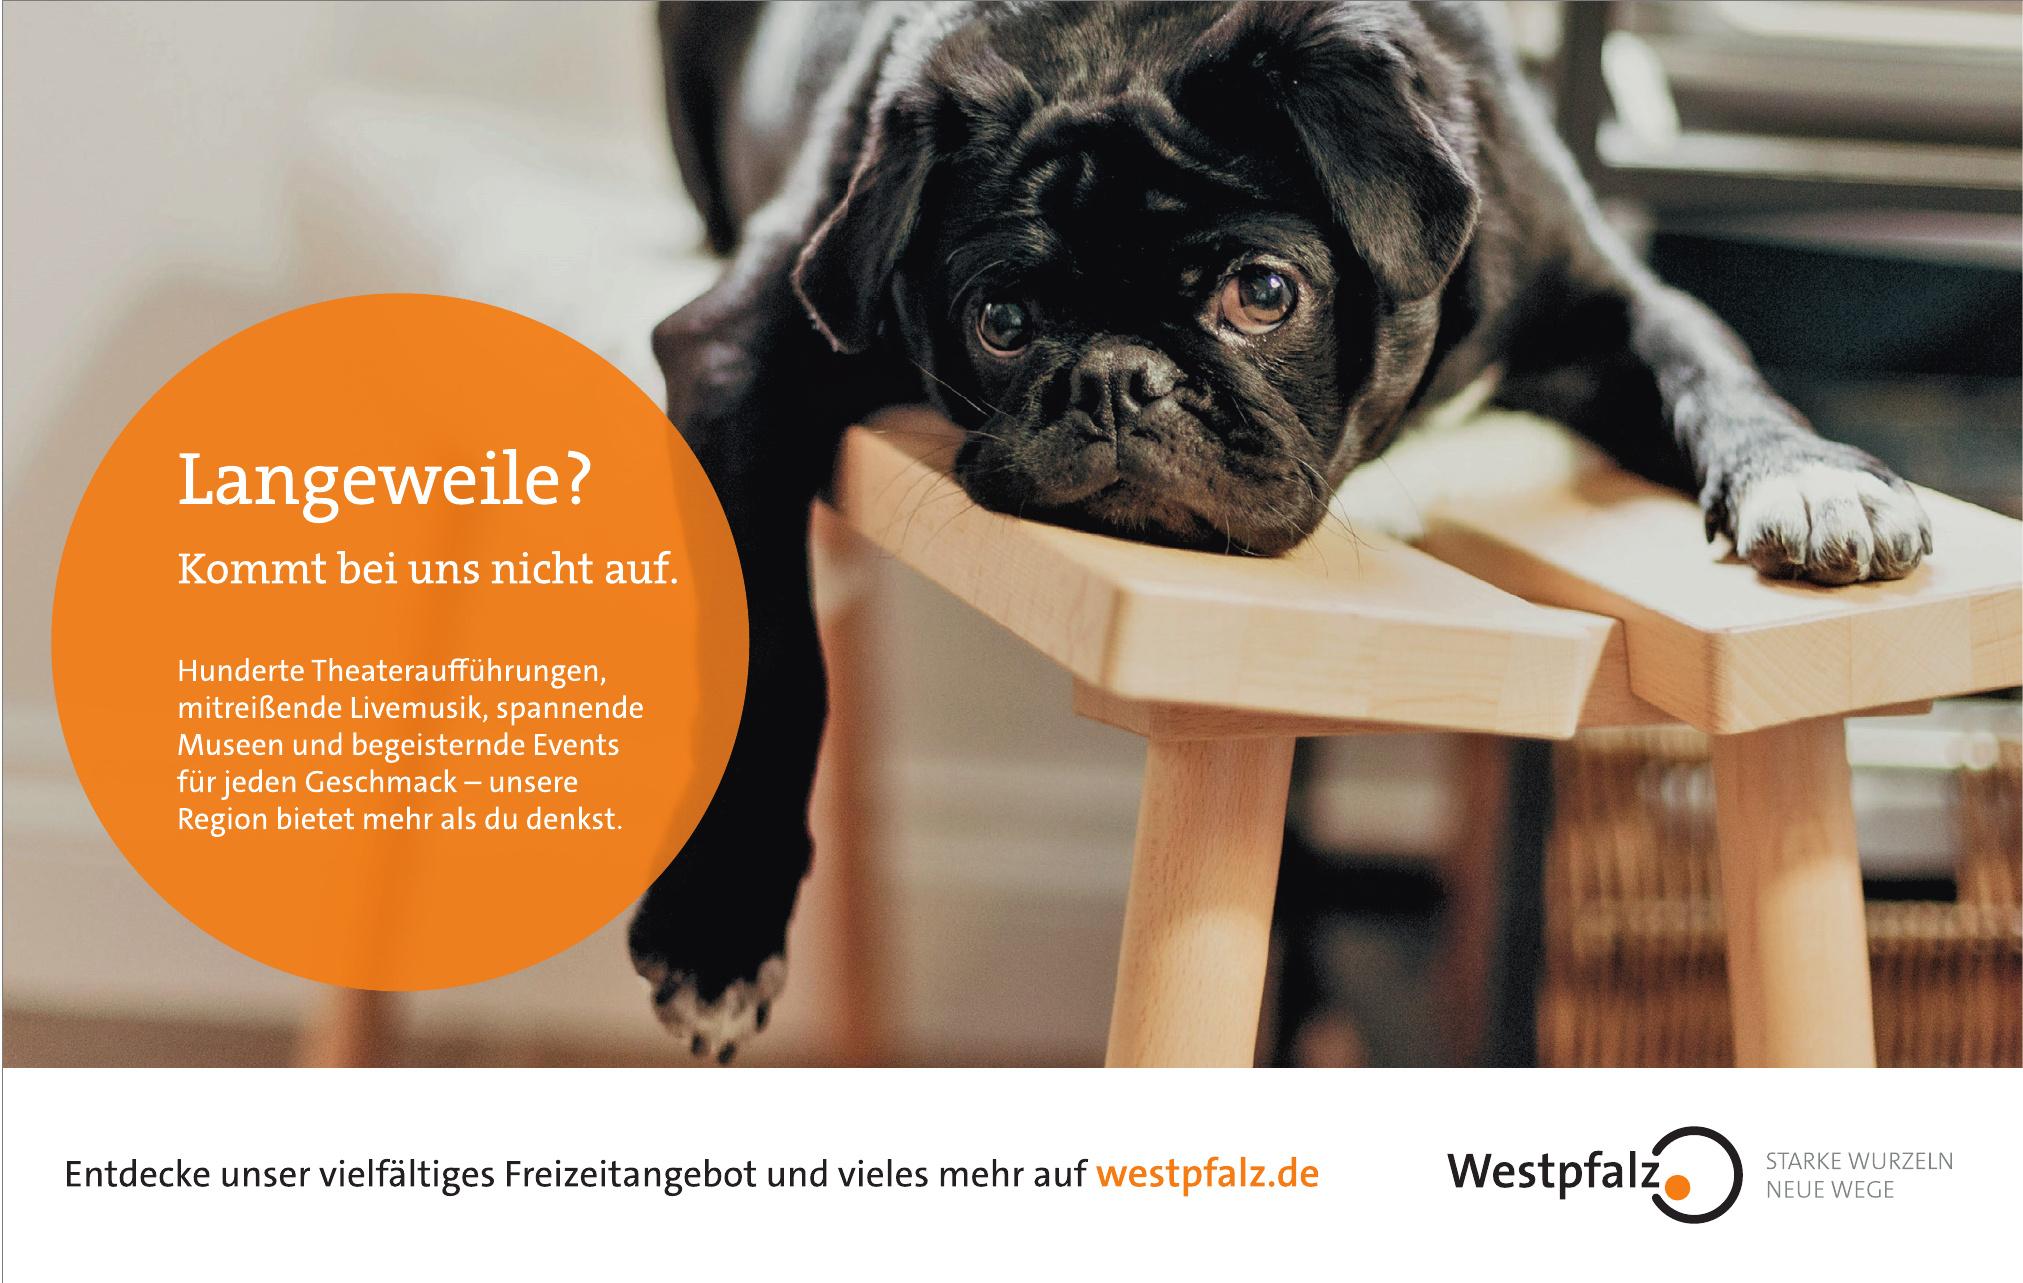 Westpfalz